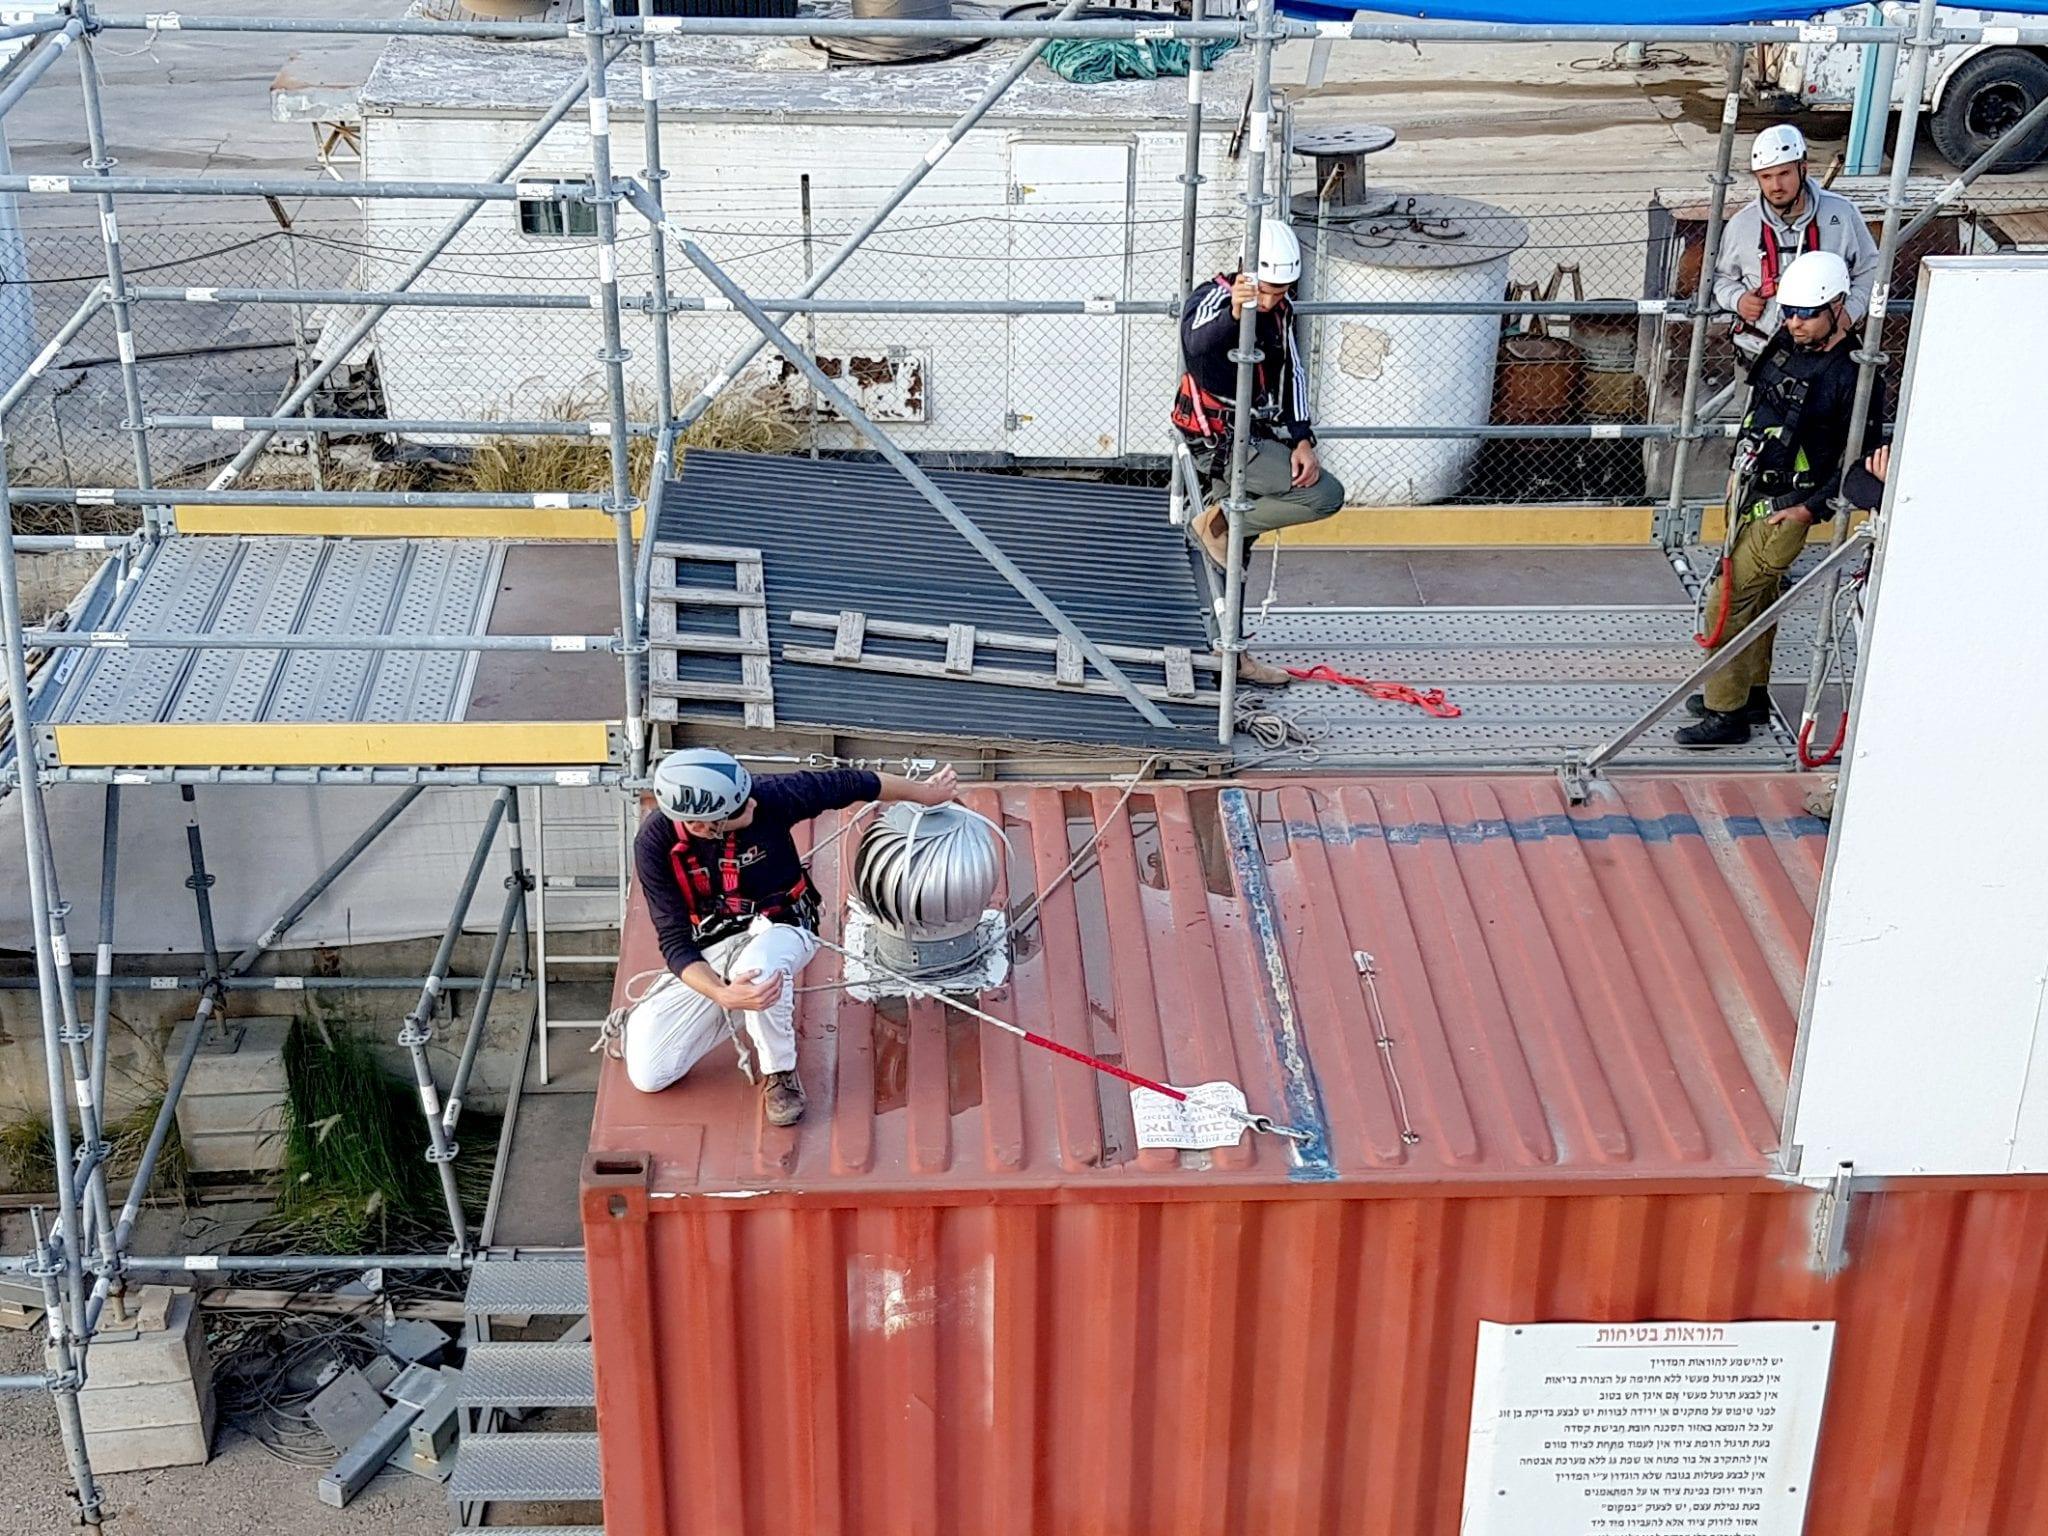 גגות פיגומים עבודה בגובה - קורס ערוצים בטבע